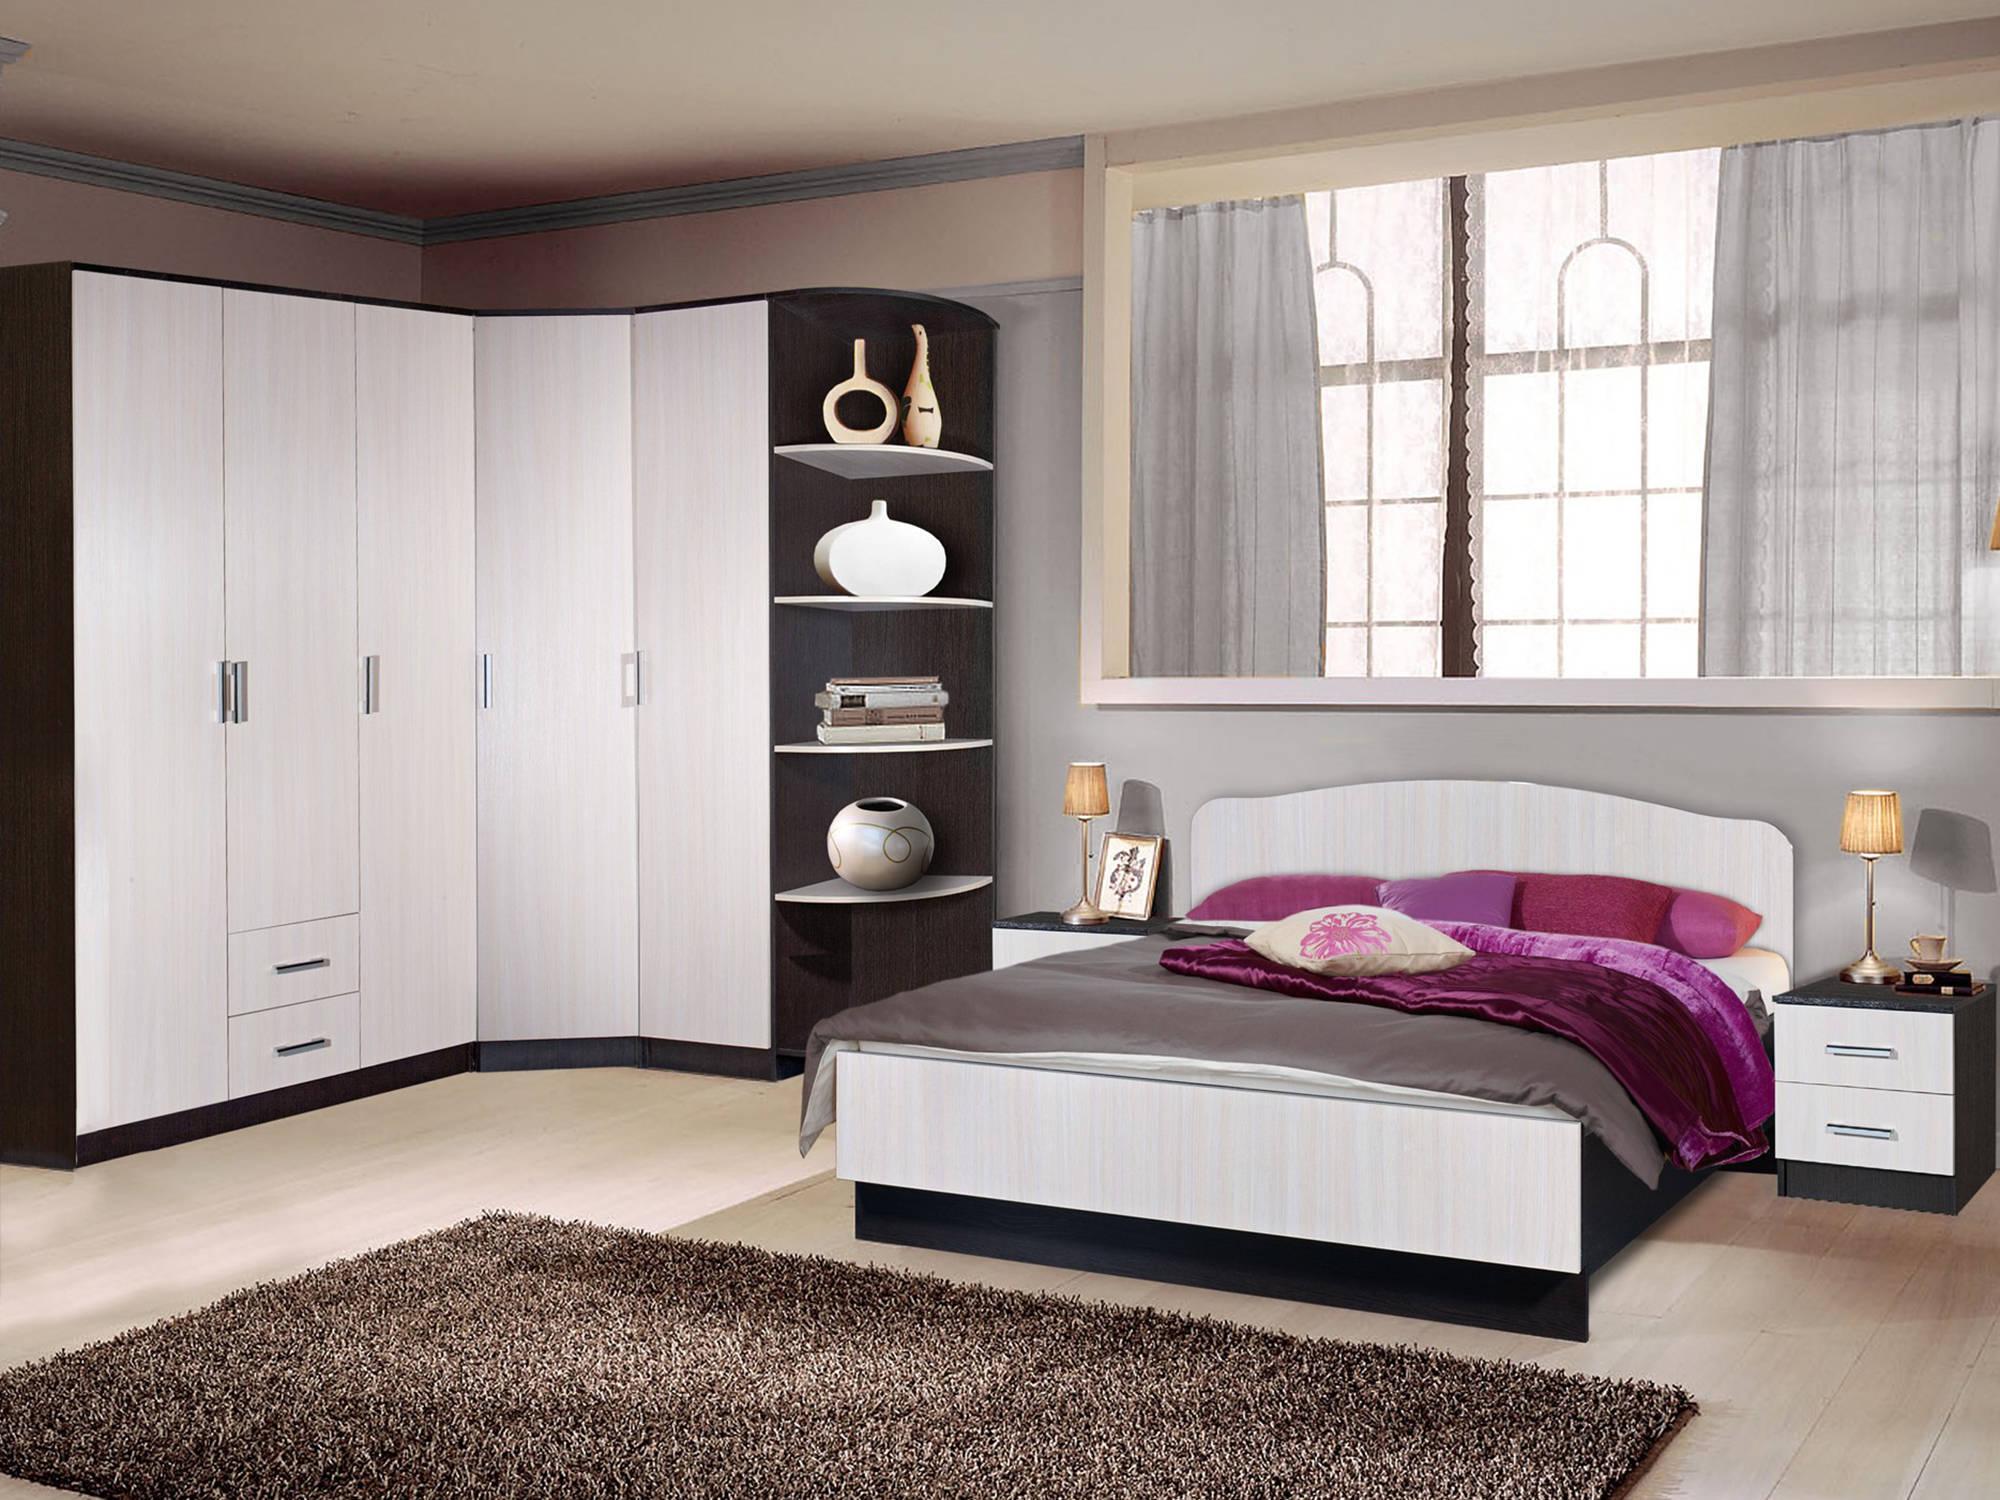 вымыть, смотреть мебель спальни картинки обязательно сохраните